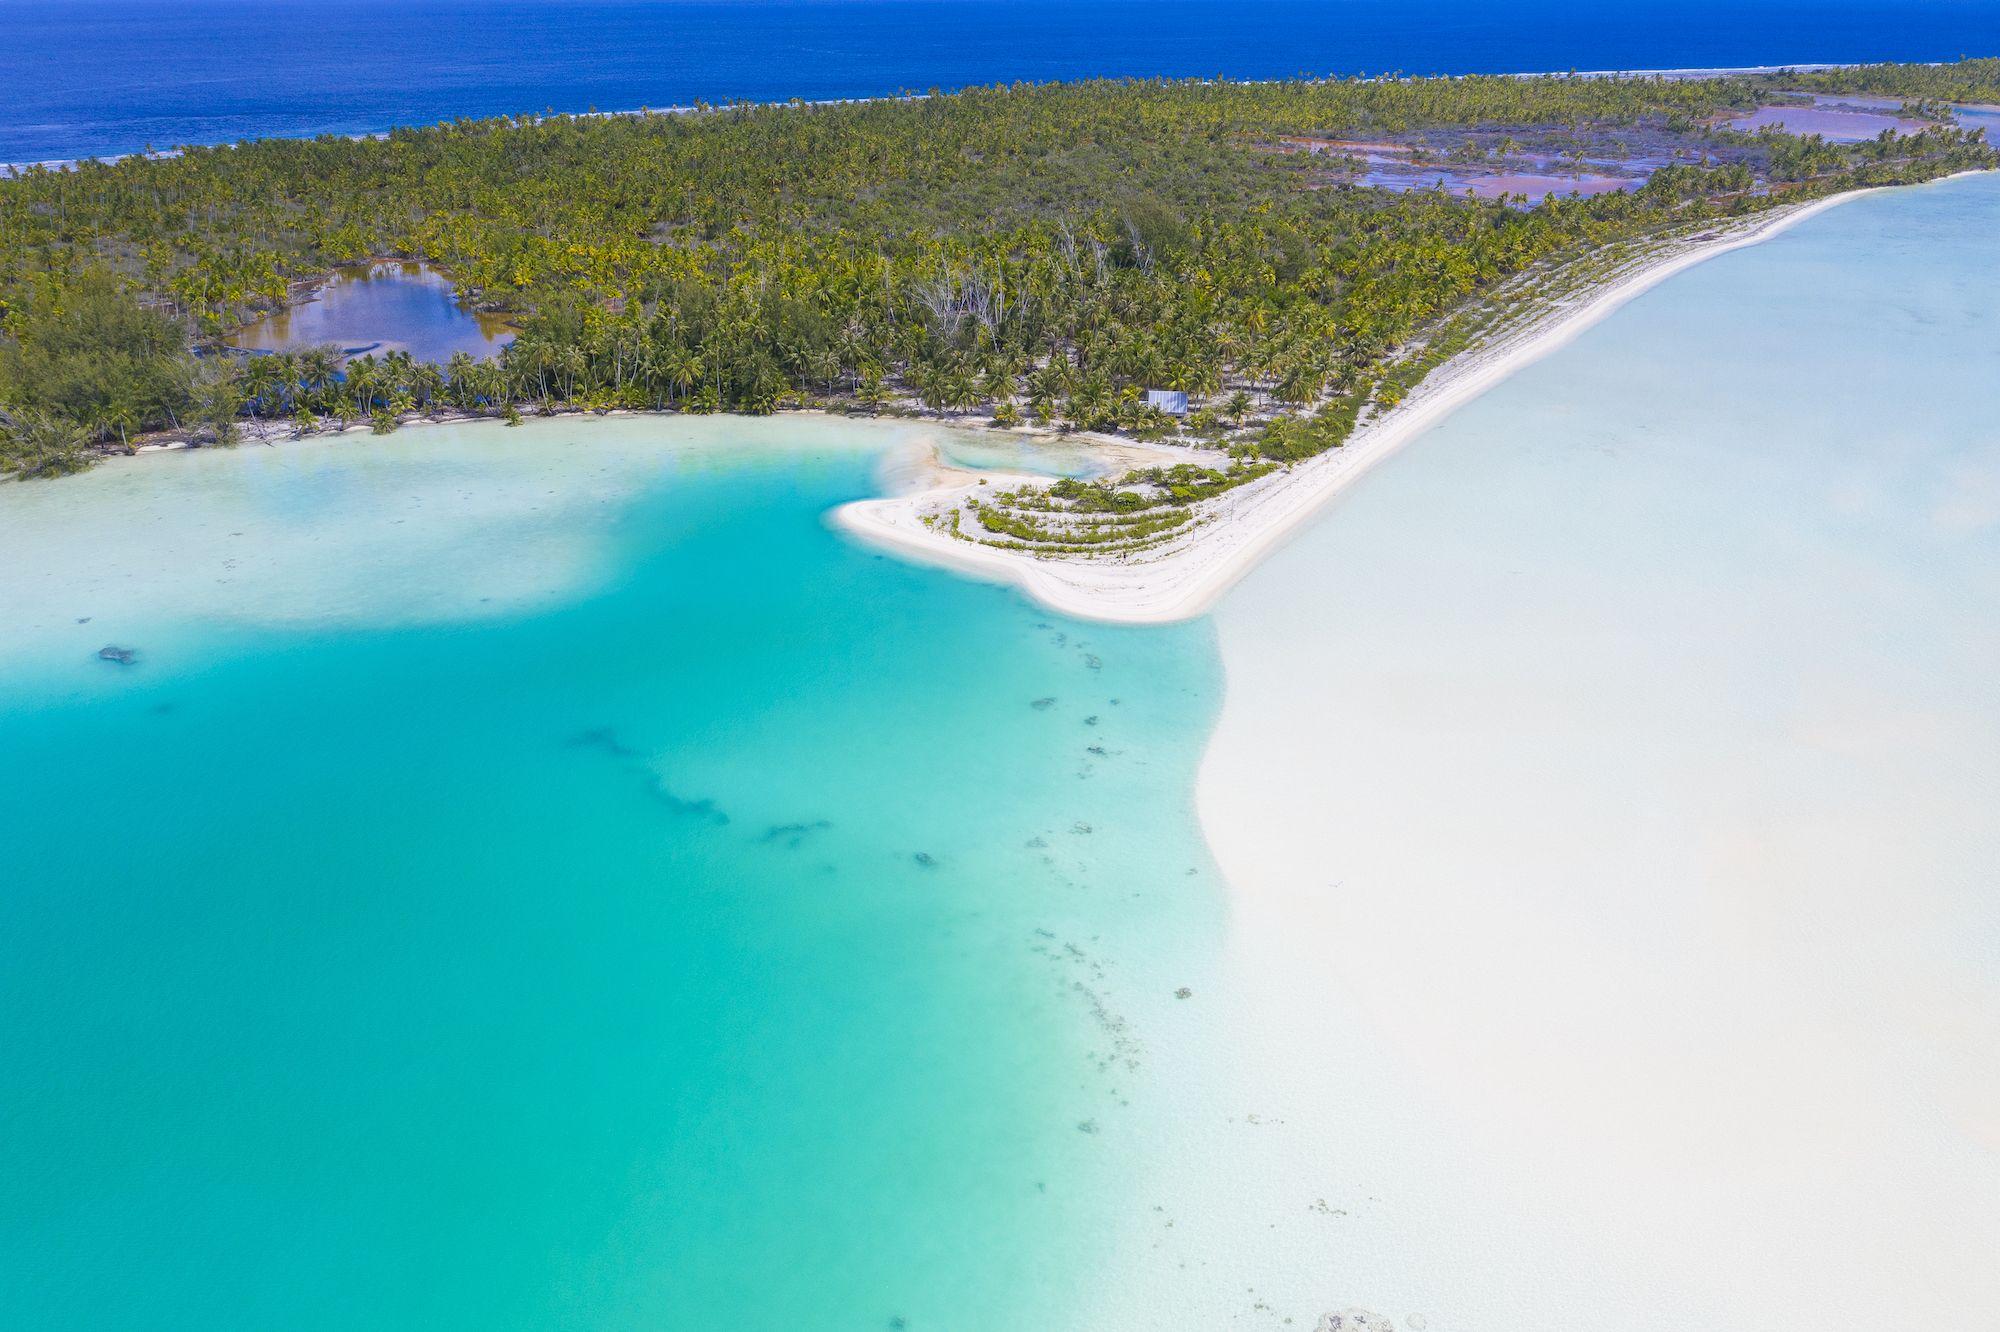 8 Most Beautiful White Sand Beaches Around The World 2020